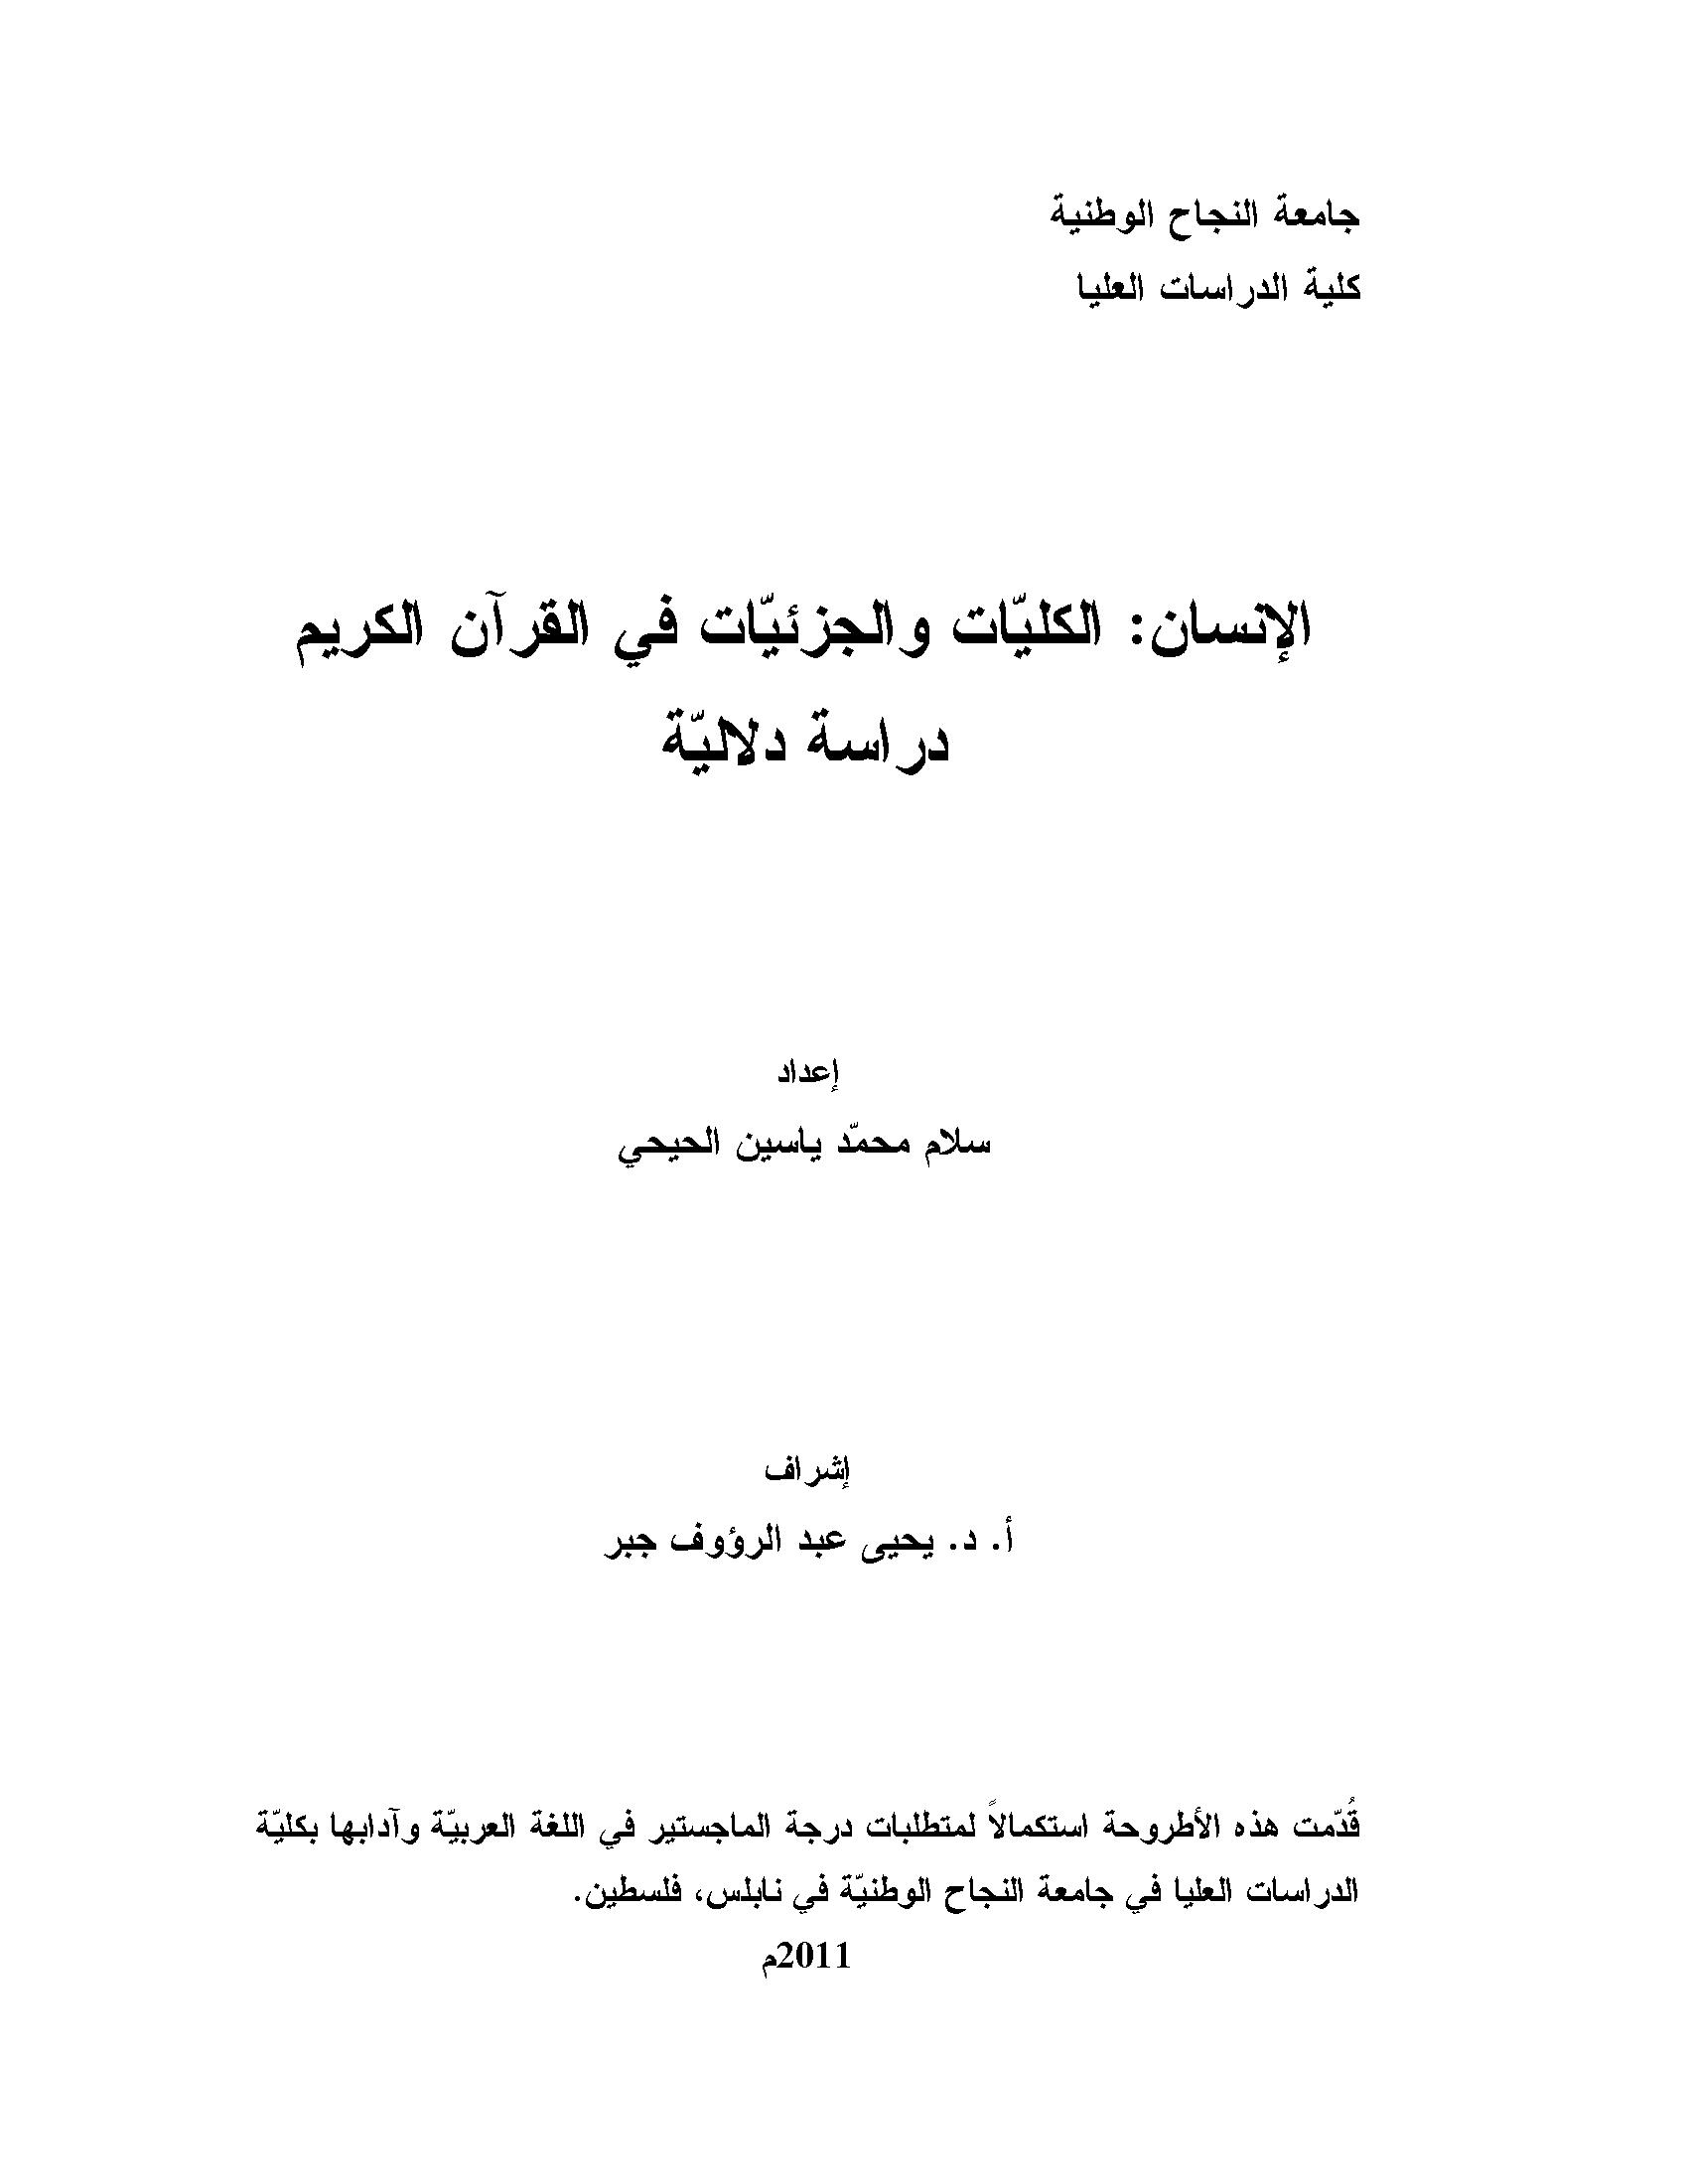 تحميل كتاب الإنسان: الكليات والجزئيات في القرآن الكريم (دراسة دلالية) لـِ: سلام محمد ياسين الحيحي